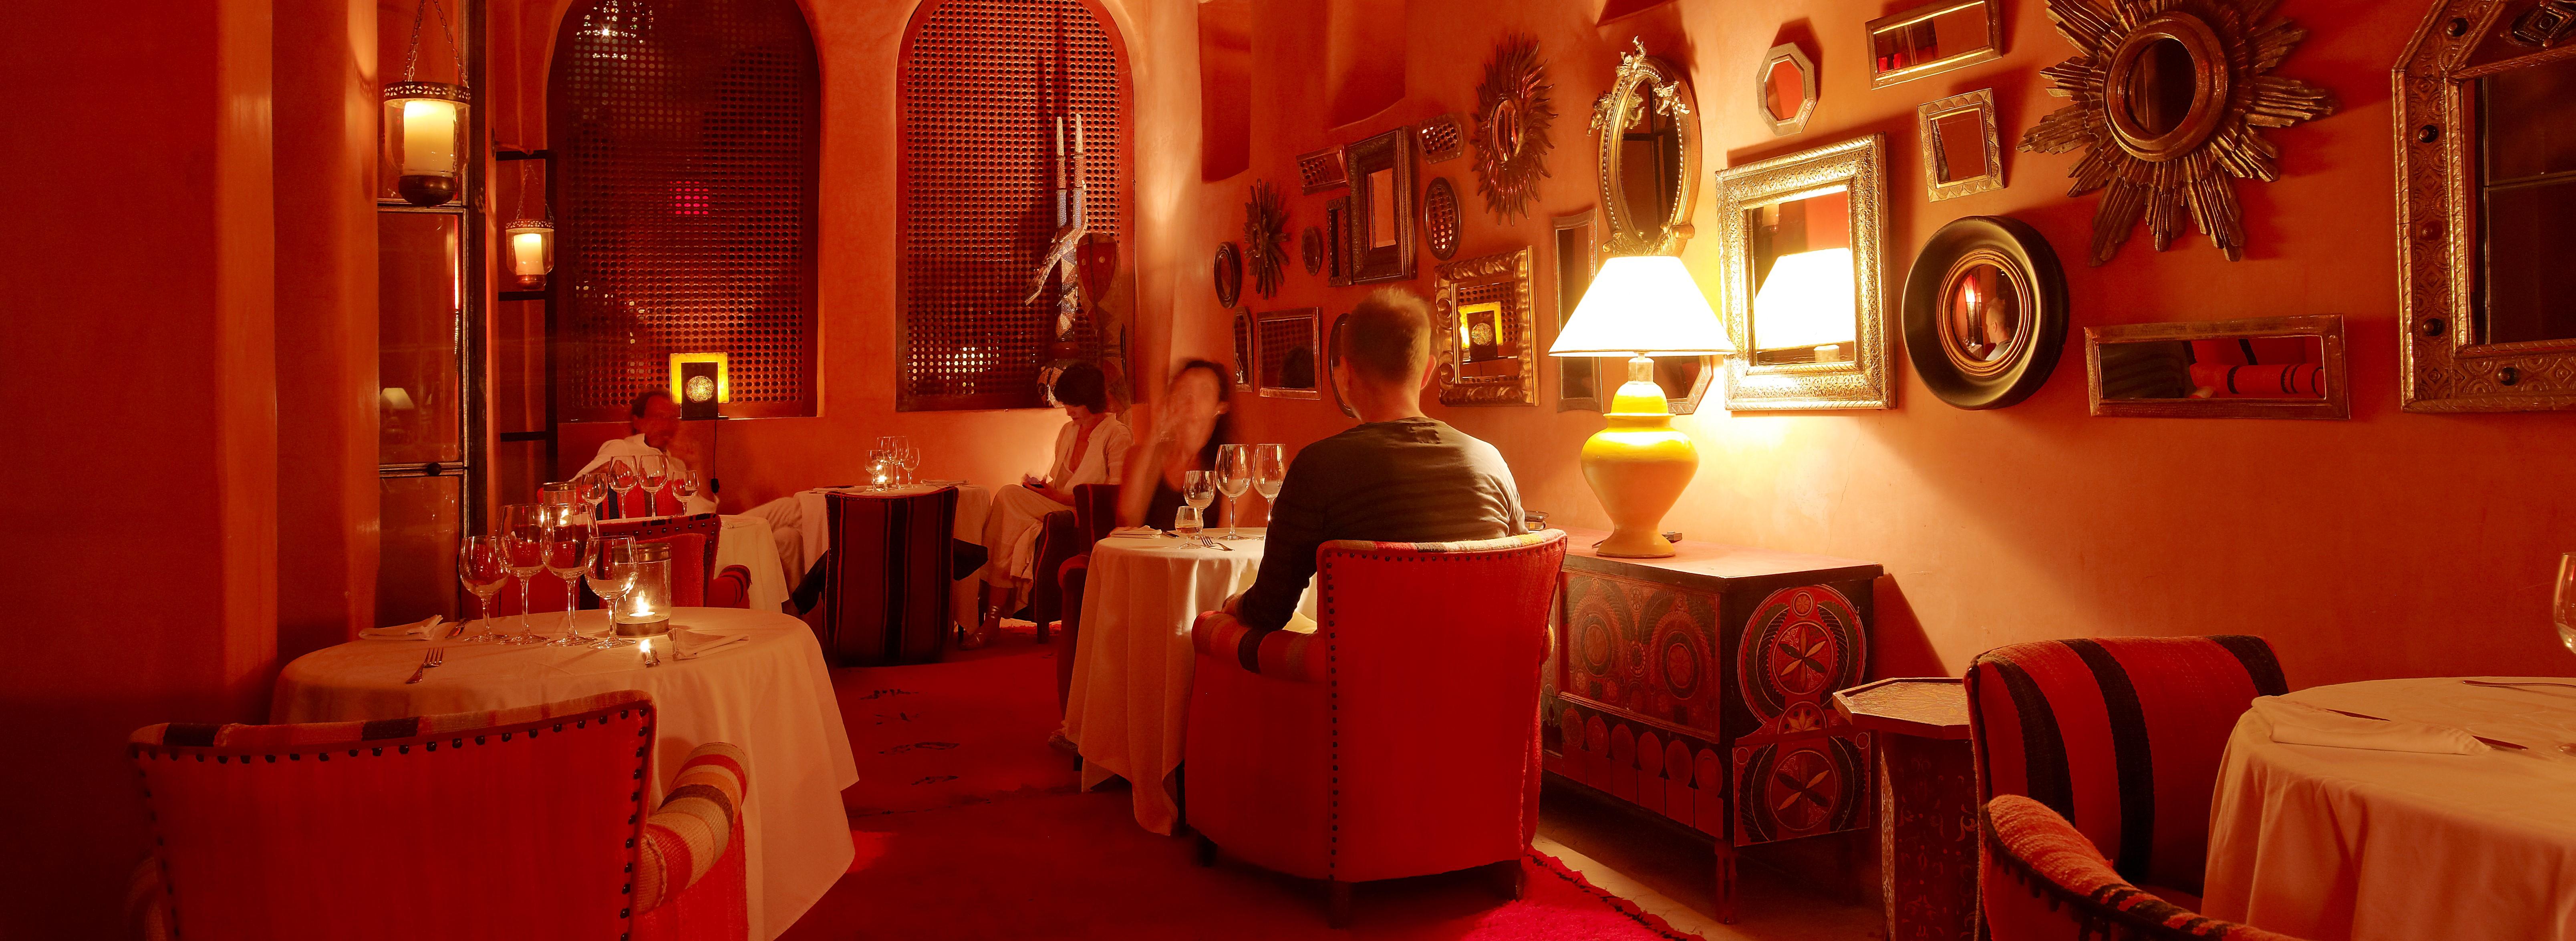 adult-only-restaurant-essaouira